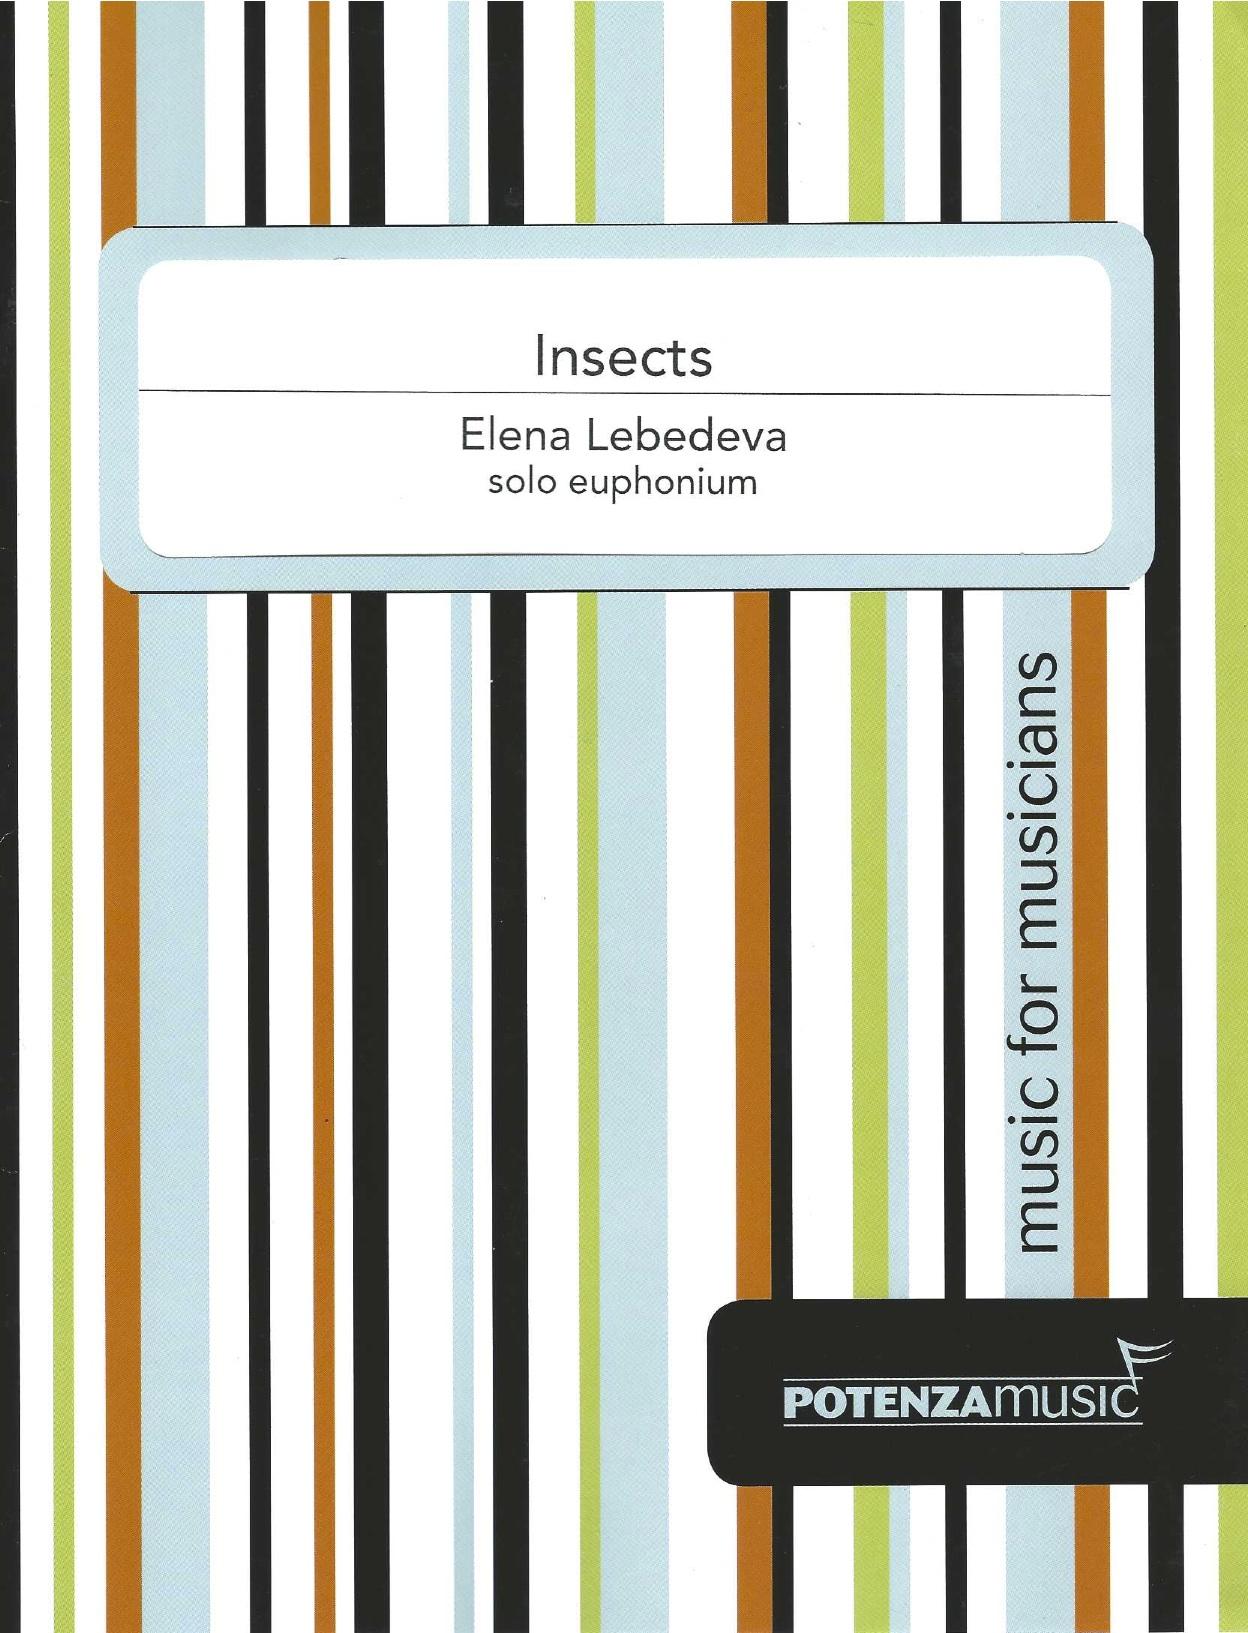 Insects - Elena Lebedeva - Solo Euphonium